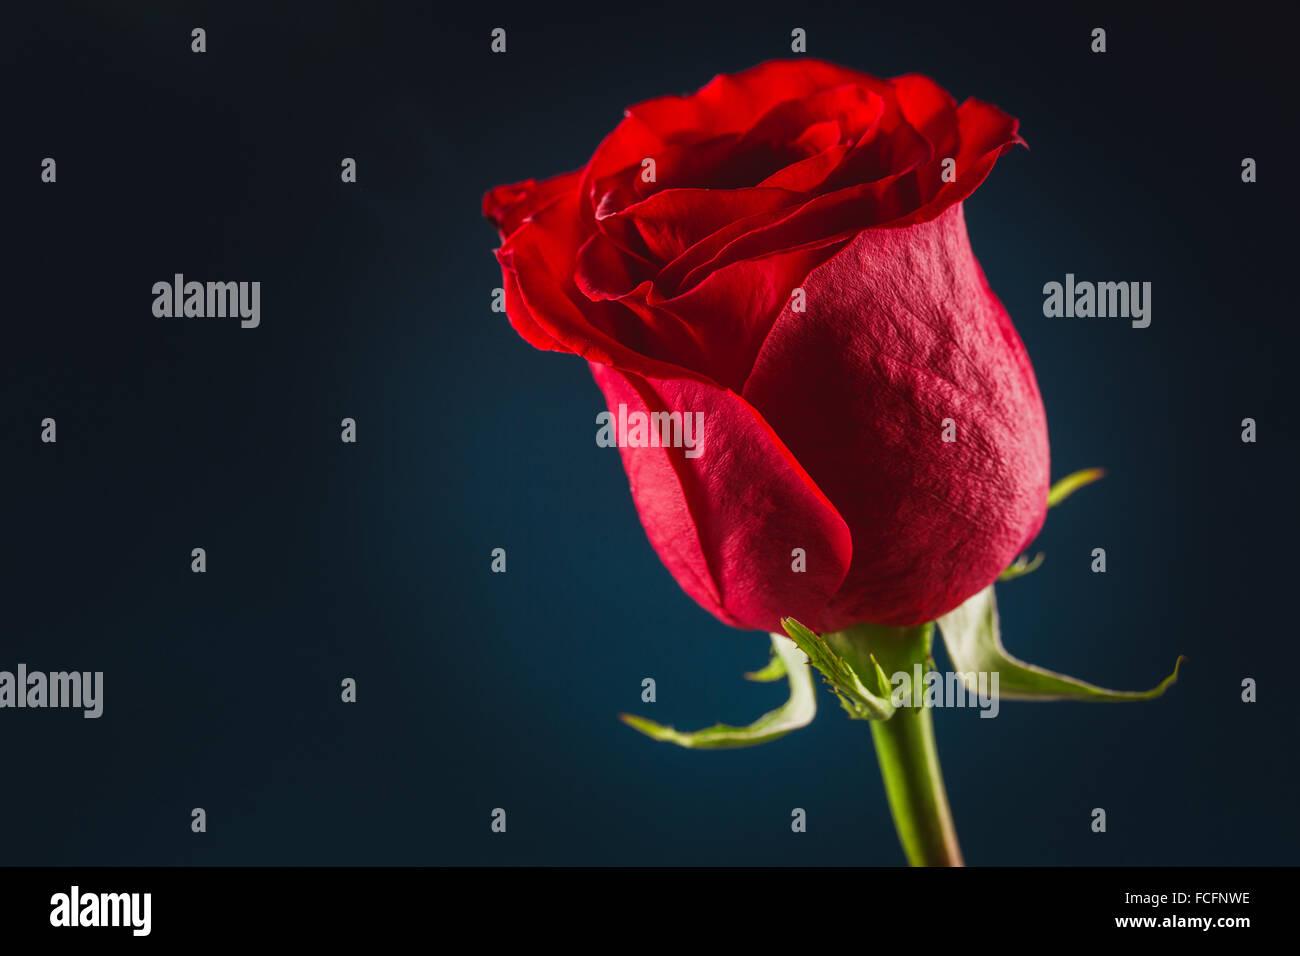 Bella Rosa Rossa Su Sfondo Nero Foto Immagine Stock 93774170 Alamy